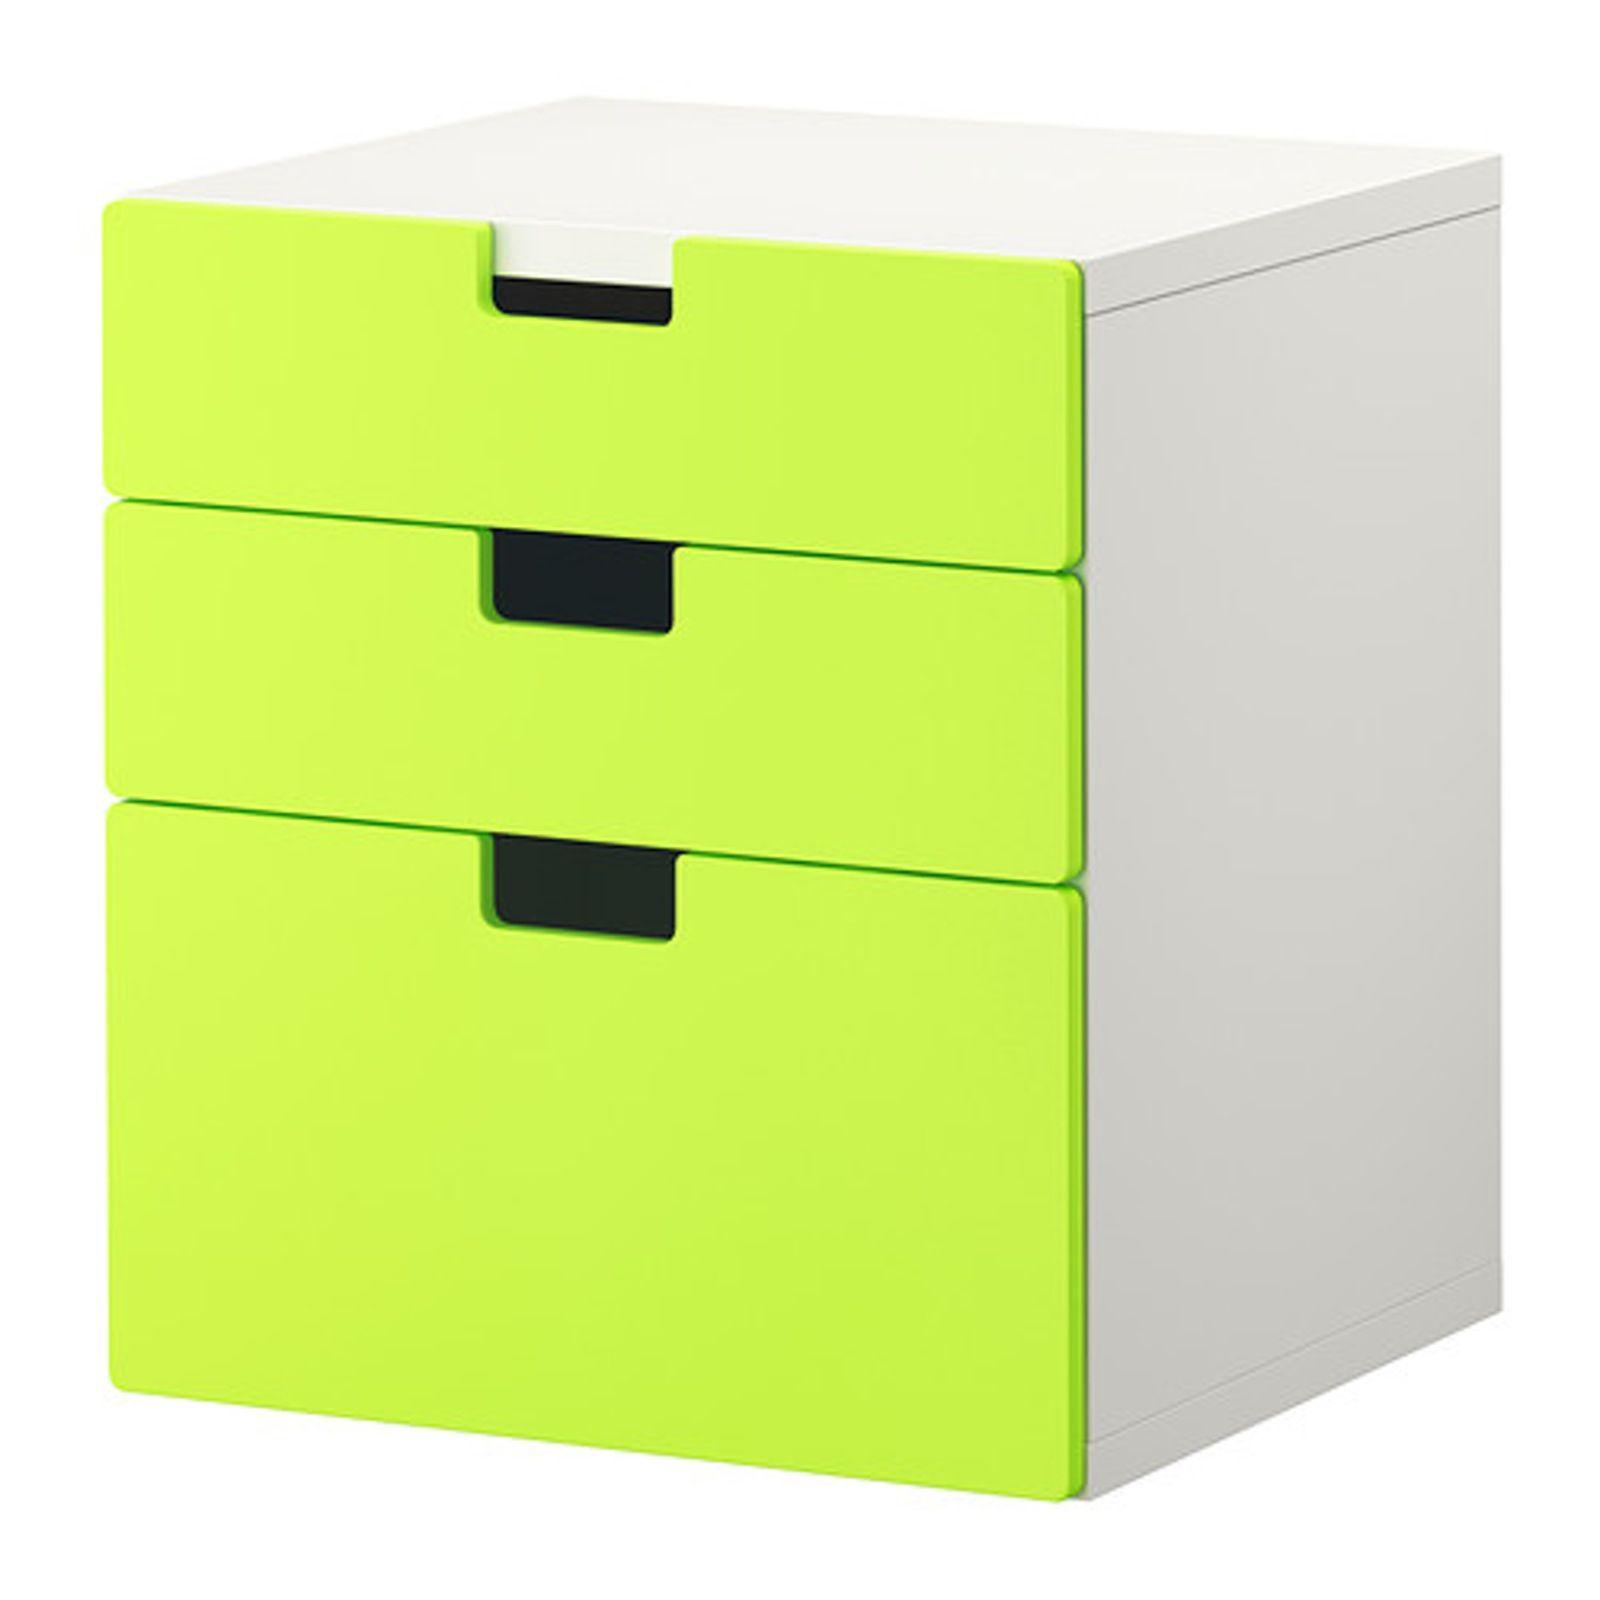 Ikea Des Nouveautes Deco Pour Les Chambres D Enfants Ikea Chambre Enfant Cadres Ikea